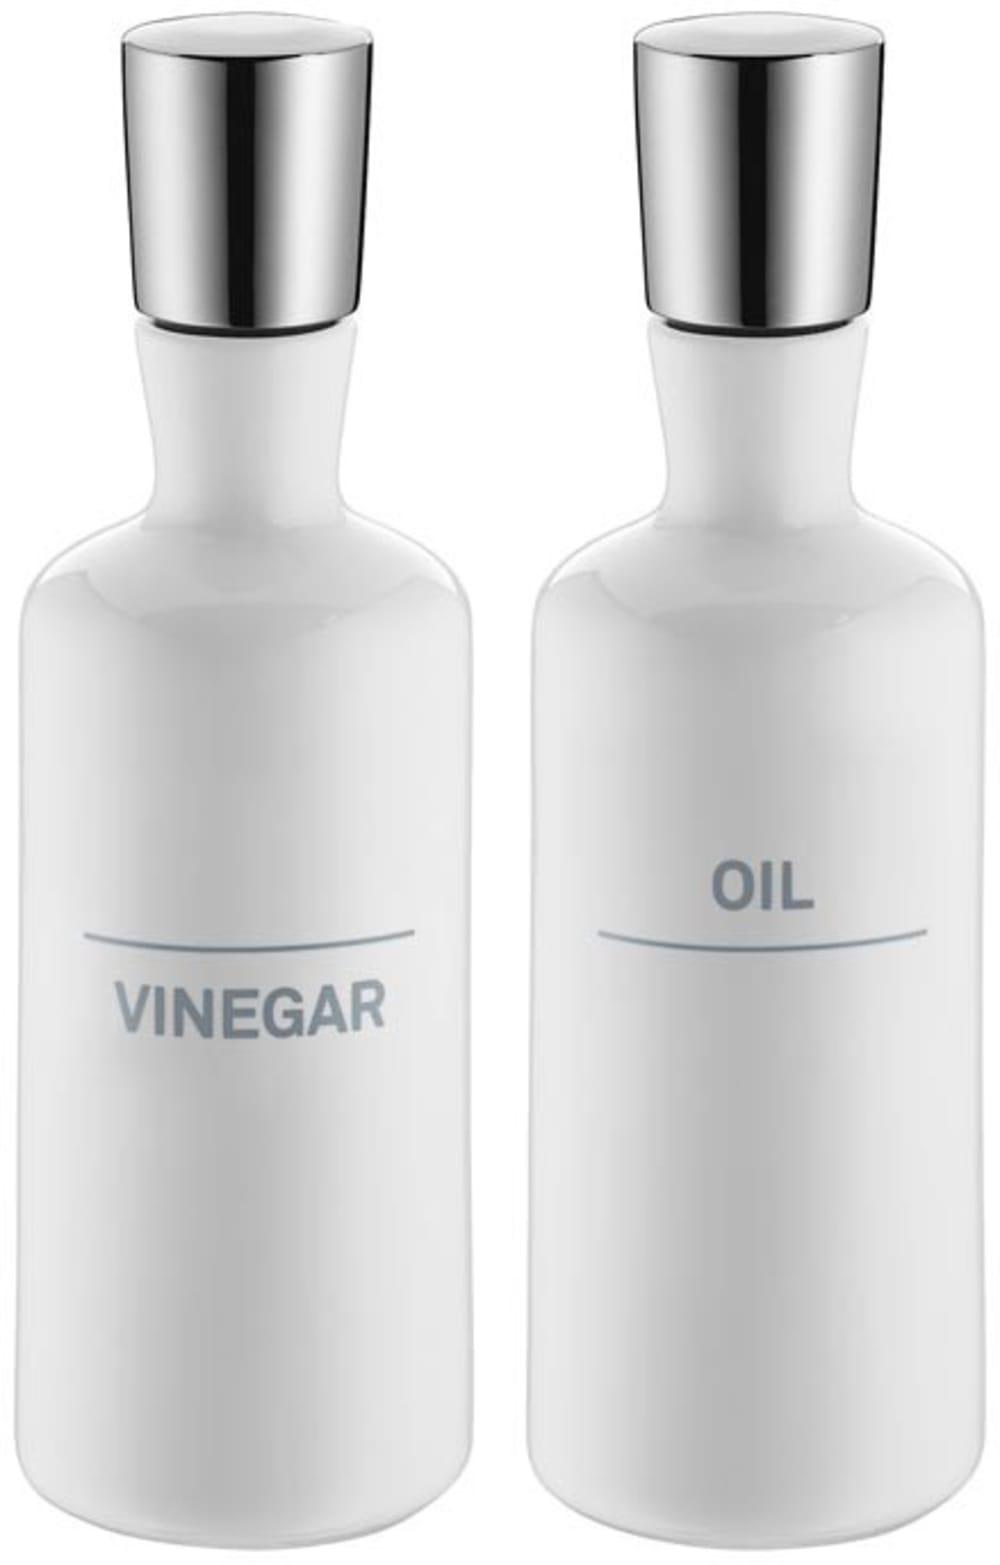 WMF - Zestaw do octu i oliwy